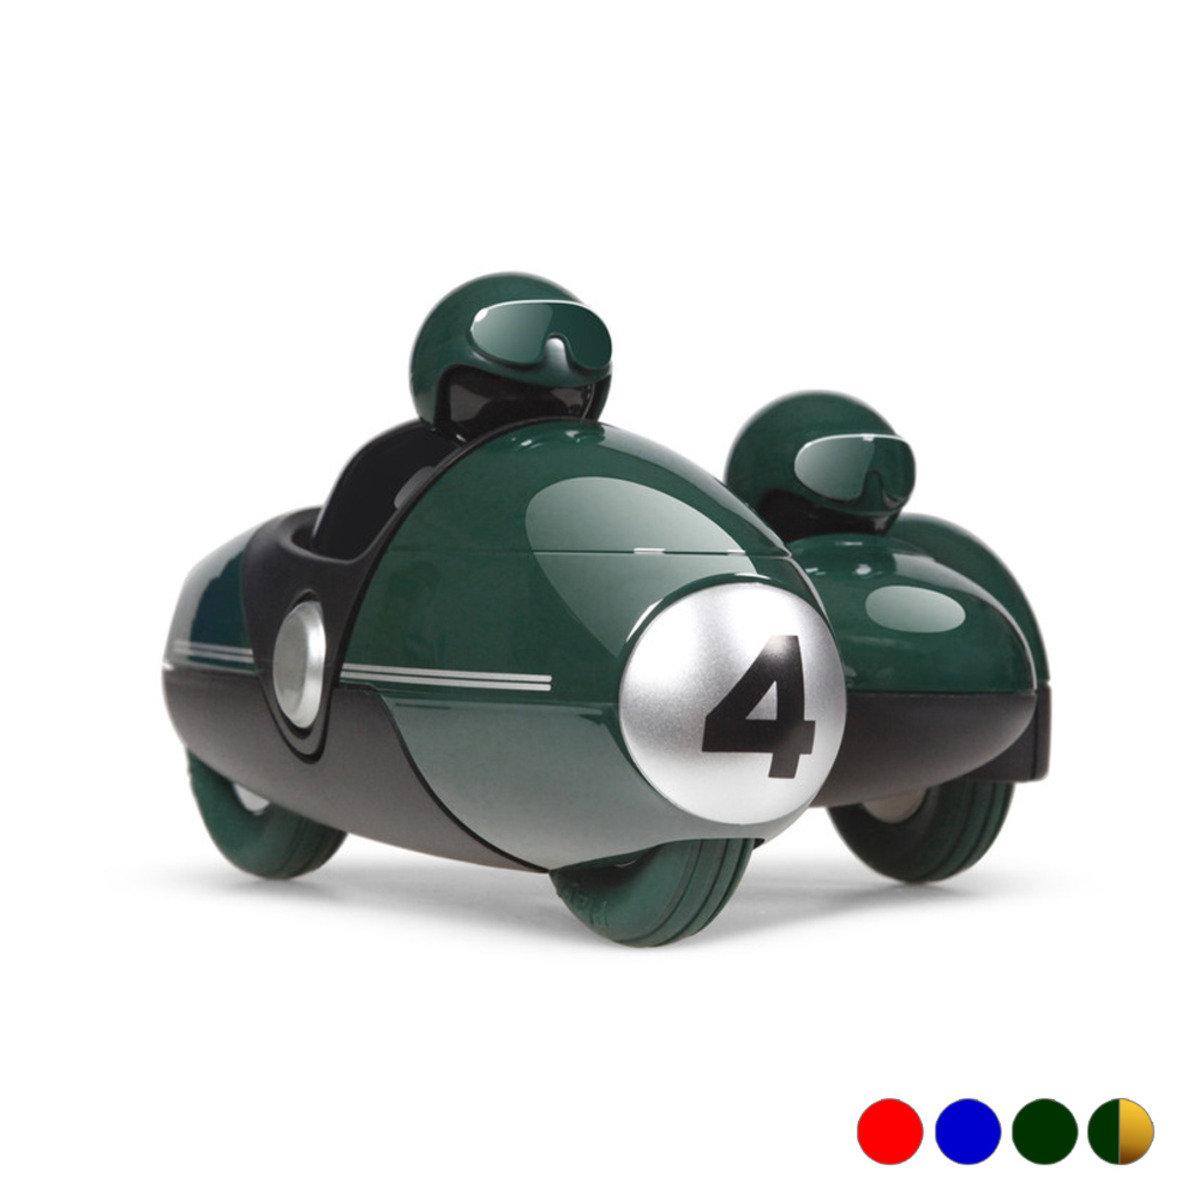 經典恩佐摩托邊車玩具擺飾 (紅色)